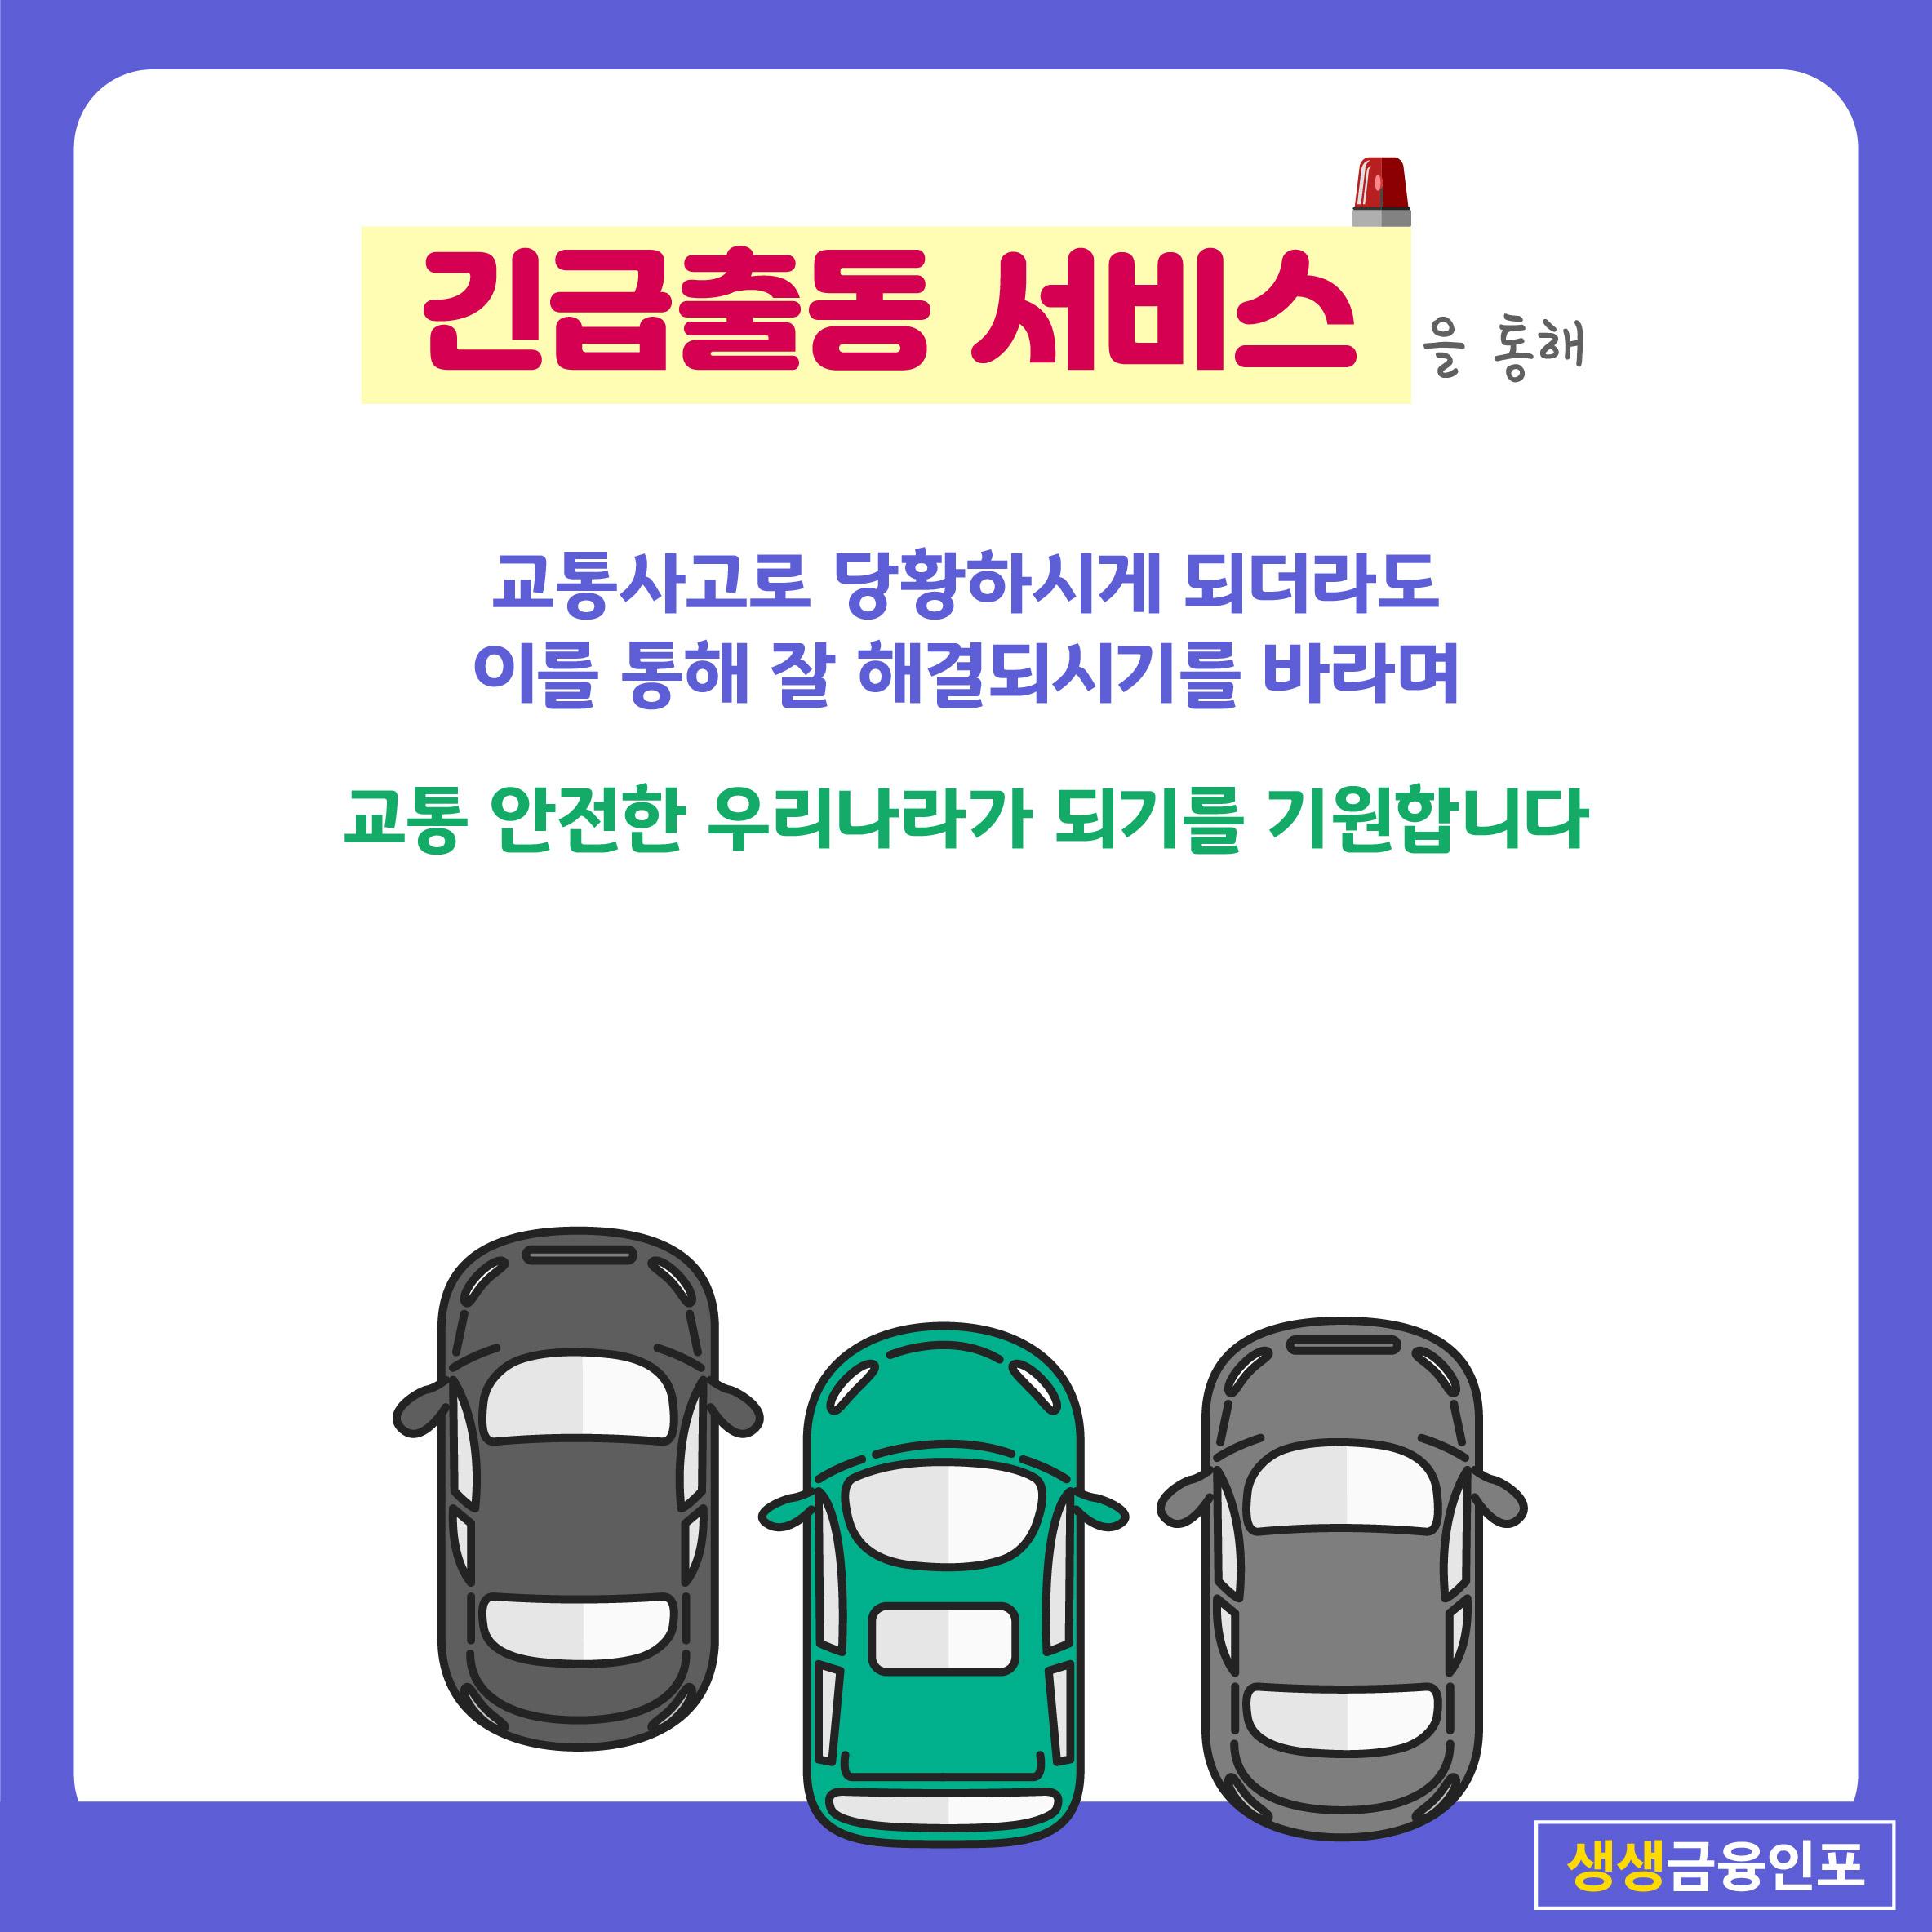 긴급출동 서비스를 통해   교통사고로 당황하시게 되더라도  이를 통해 잘 해결되시기를 바라며   교통 안전한 우리나라가 되기를 기원합니다